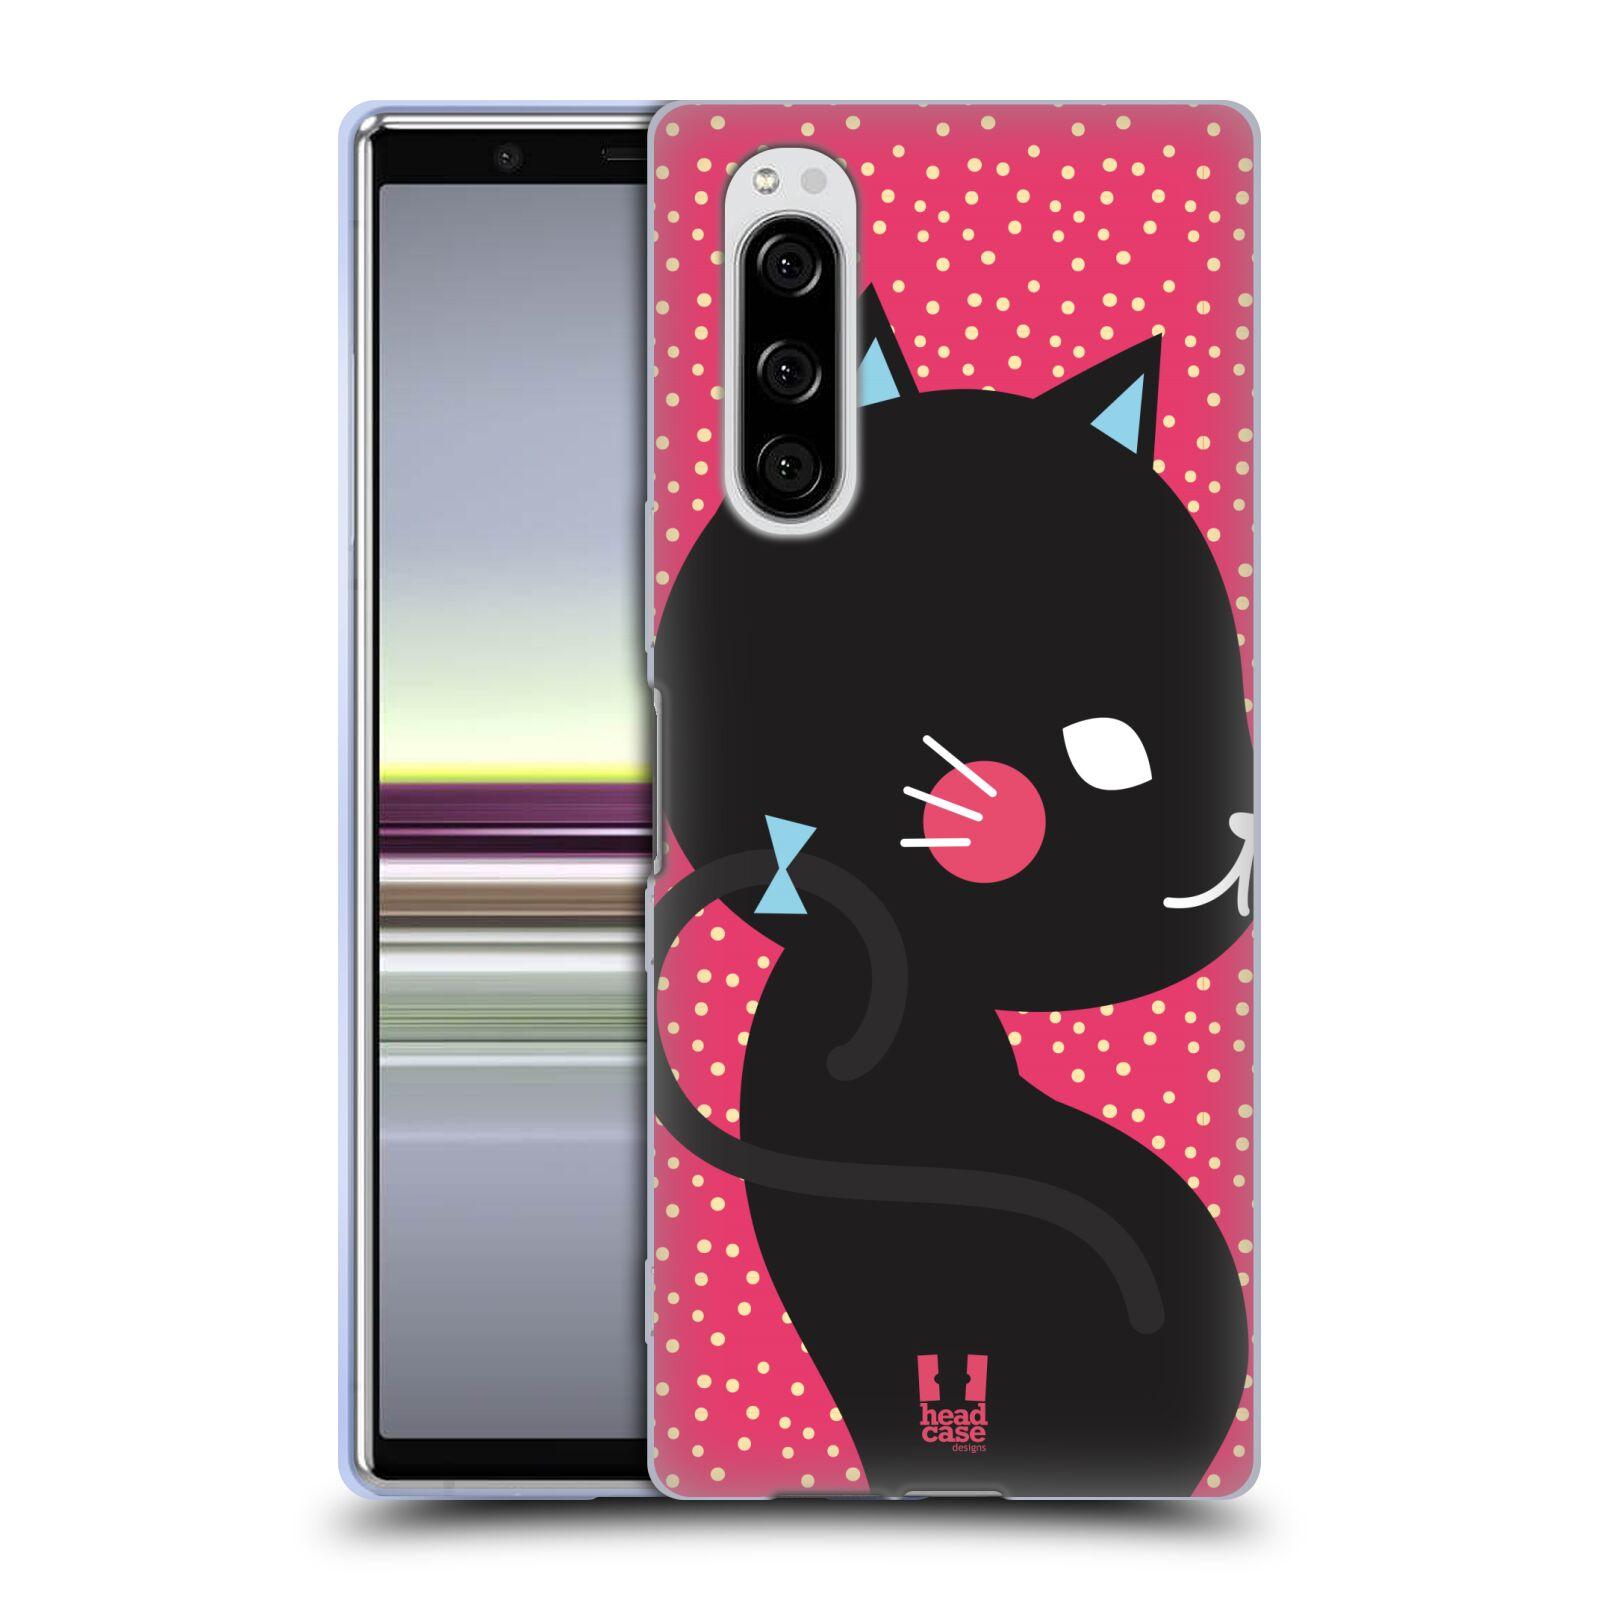 Silikonové pouzdro na mobil Sony Xperia 5 - Head Case - KOČIČKA Černá NA RŮŽOVÉ